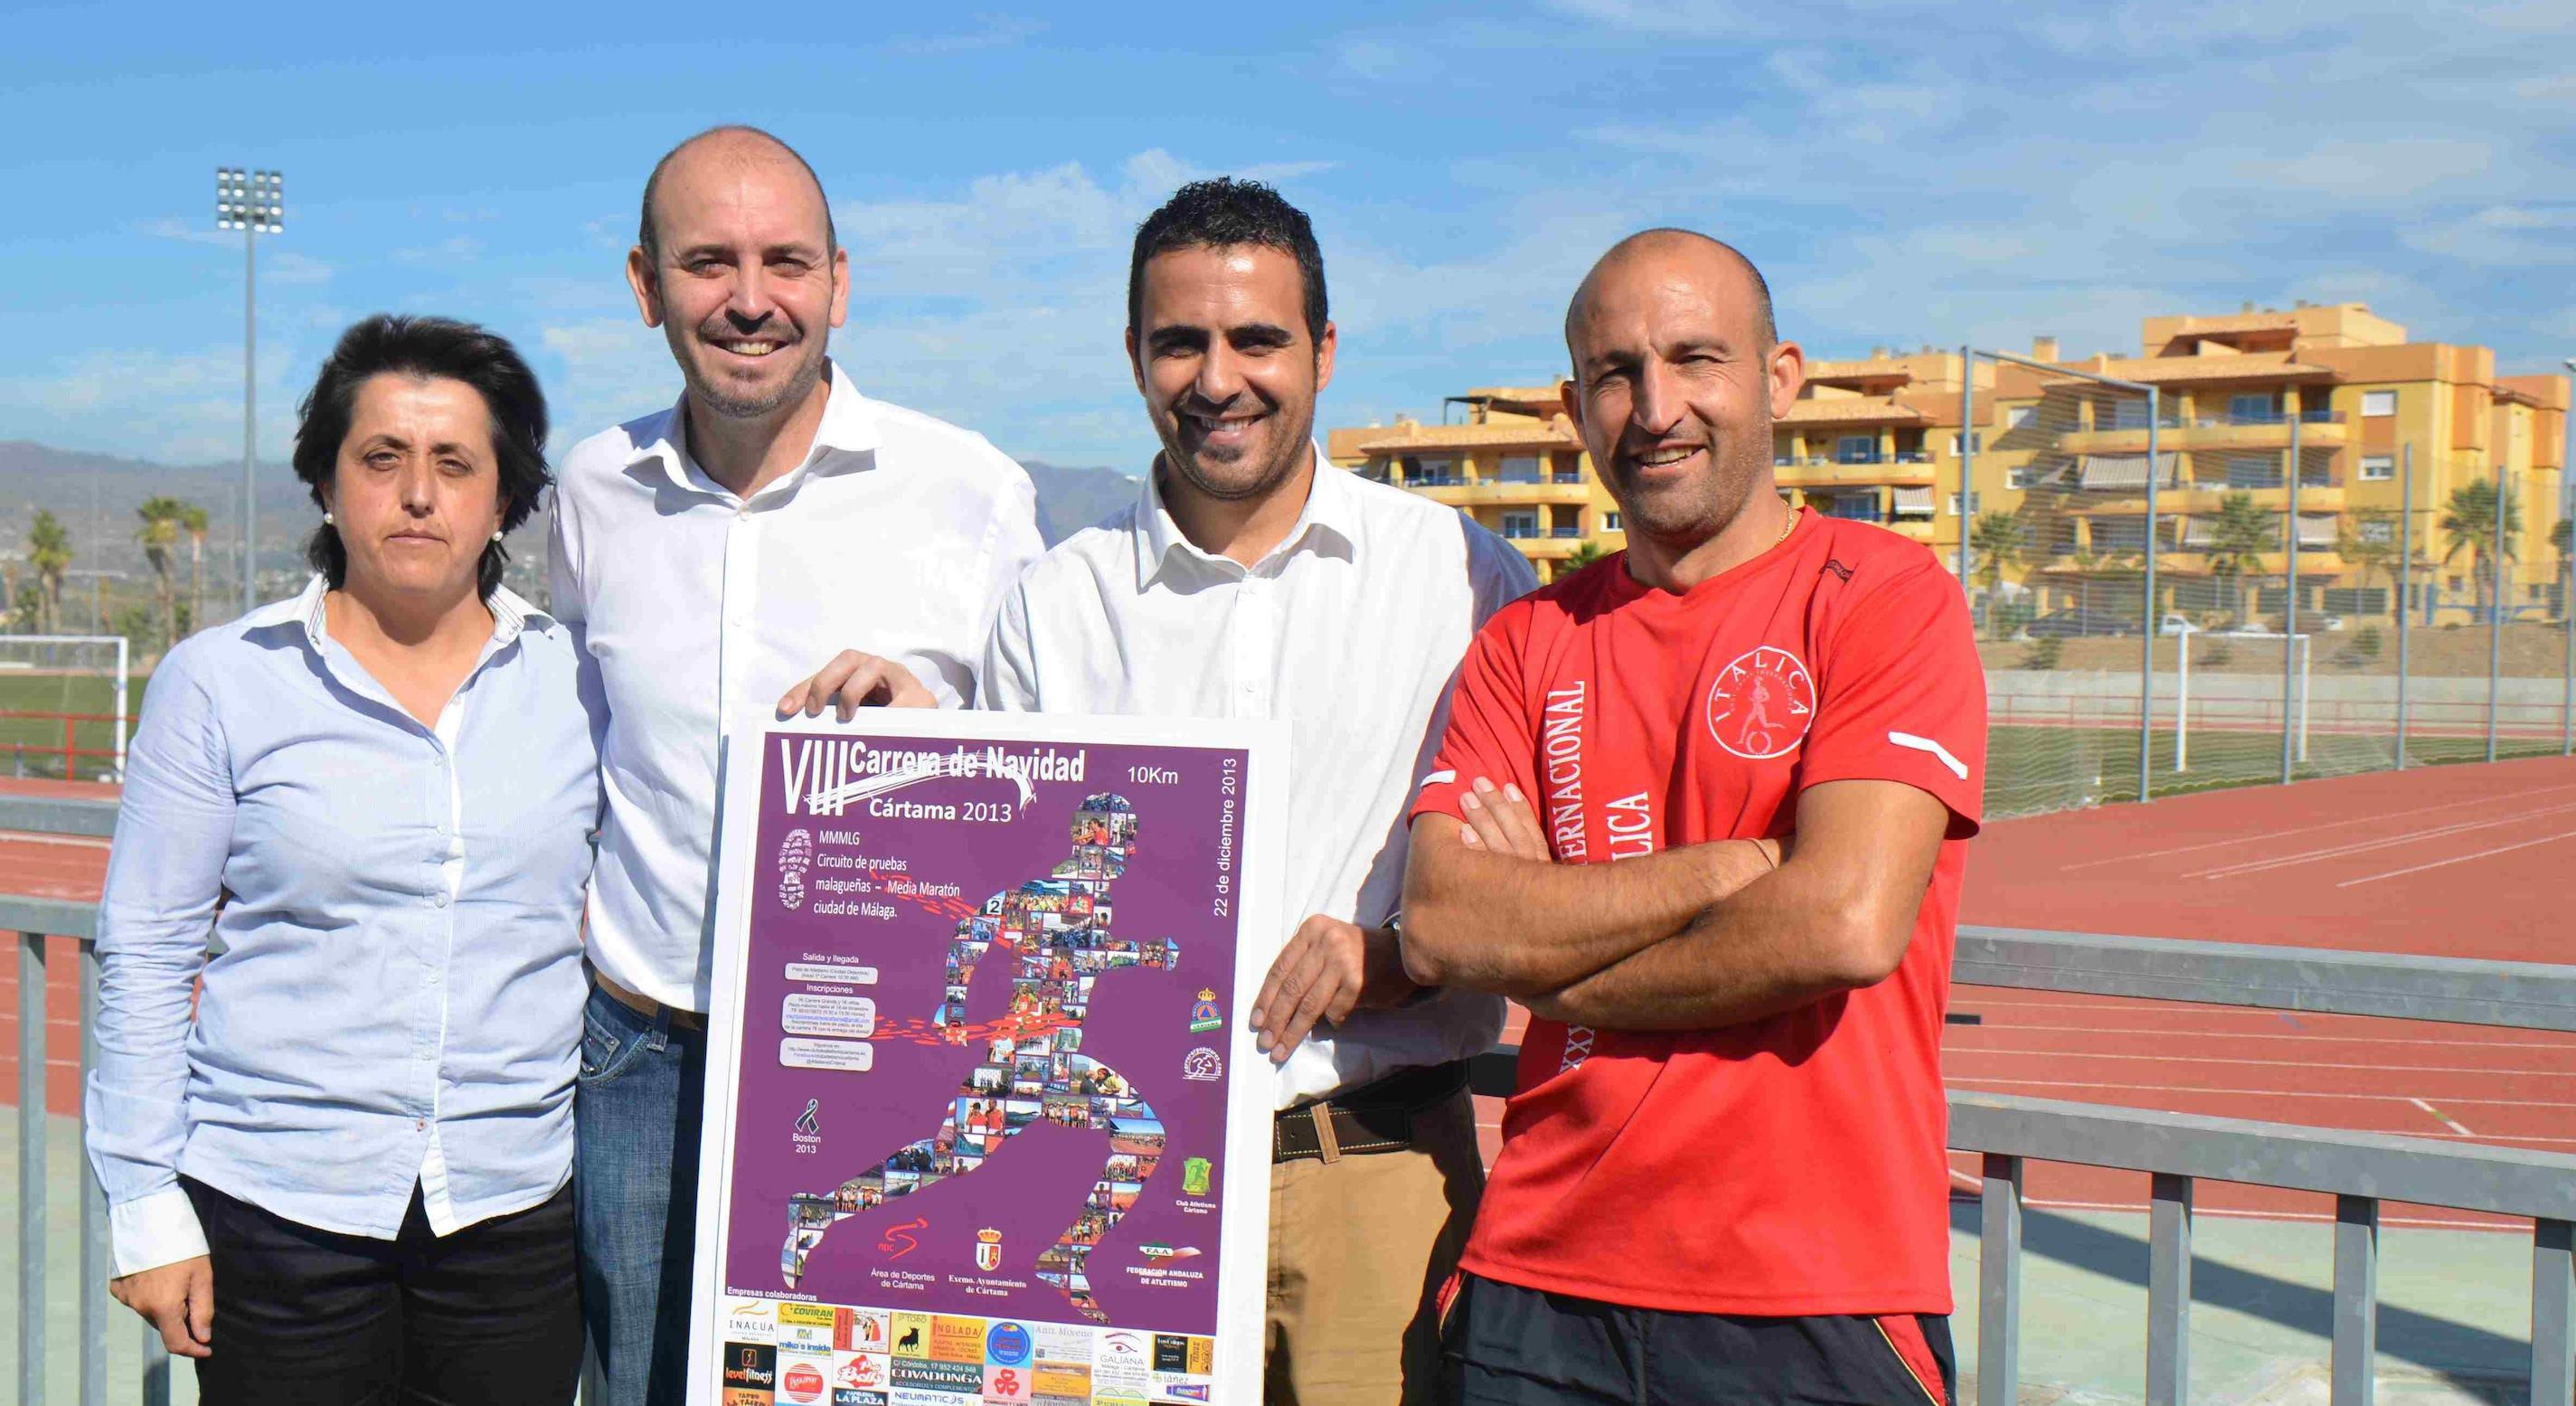 Cártama espera superar los 700 corredores en la octava Carrera de Navidad